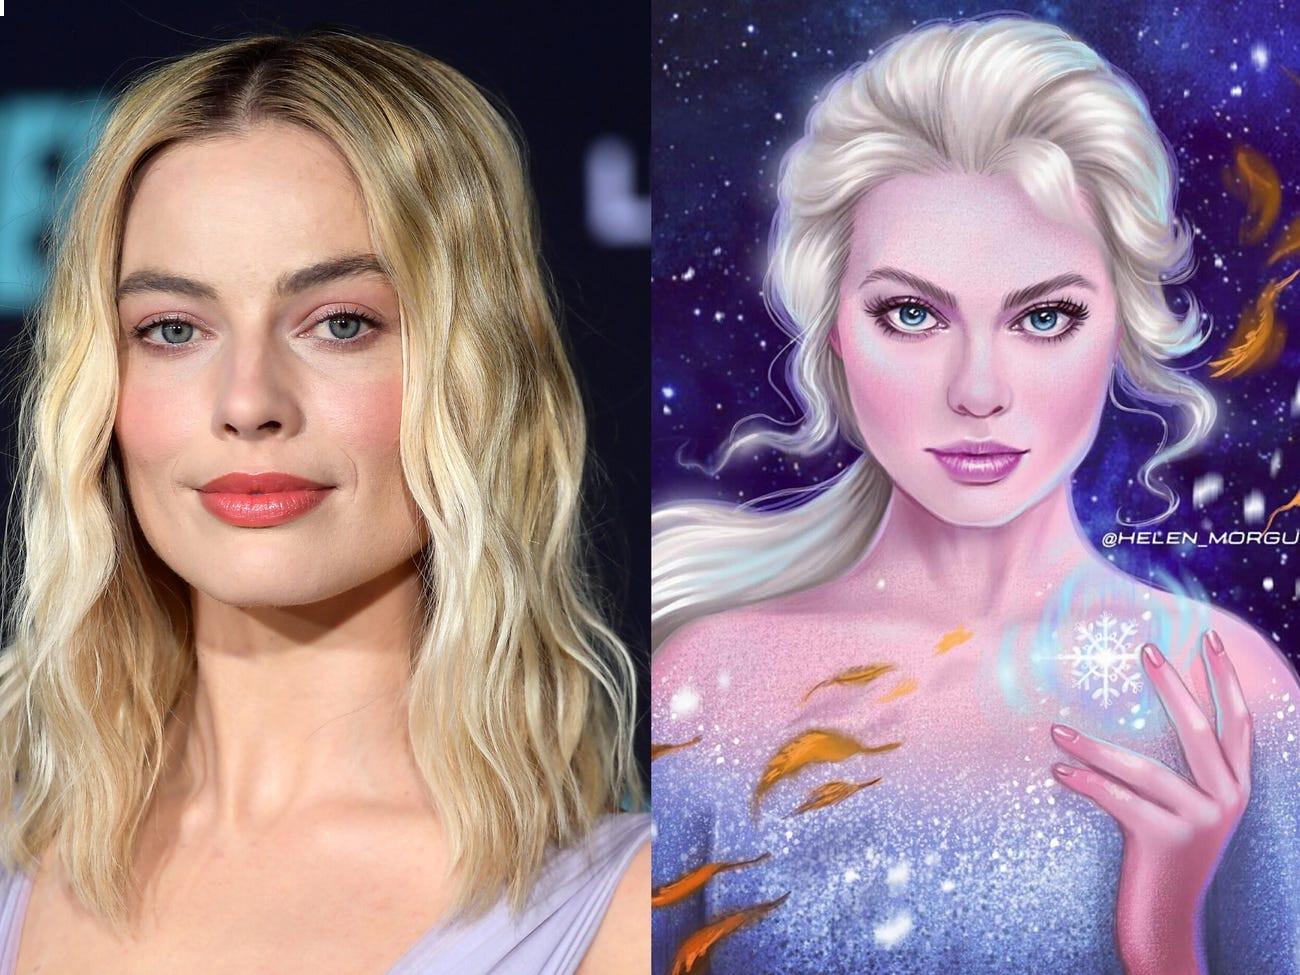 Celebrities transform into Disney characters in fan arts